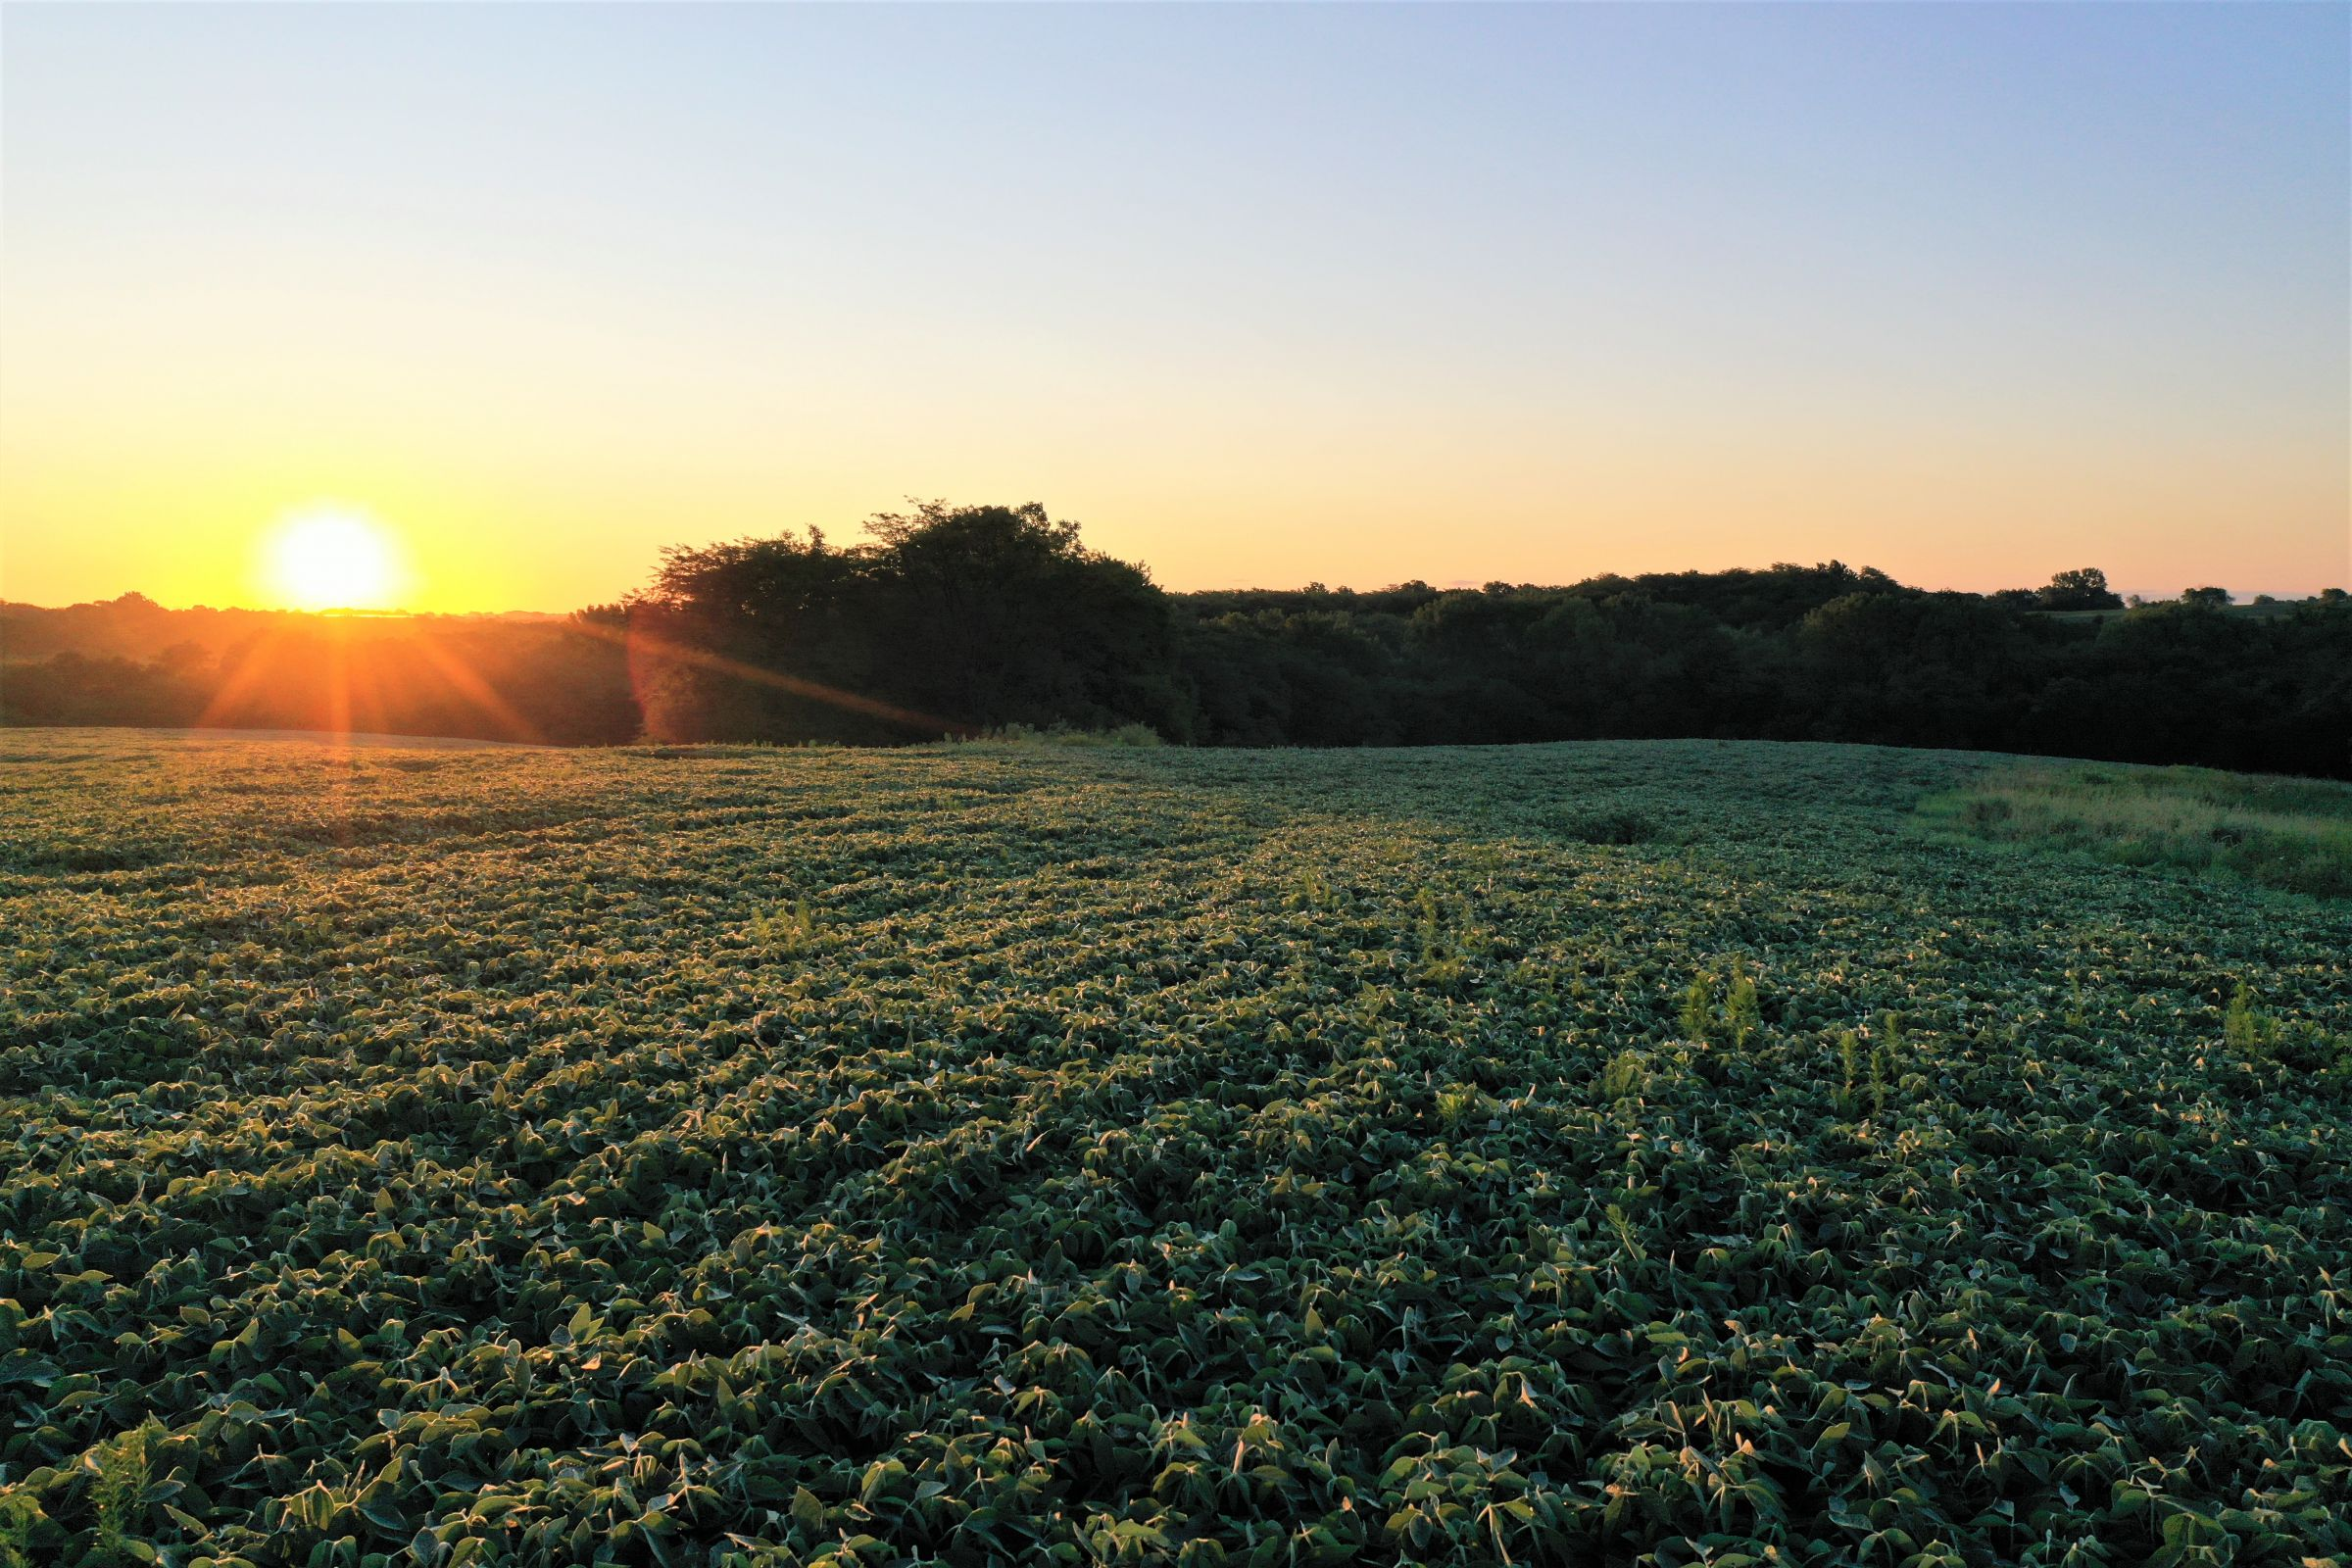 warren-county-iowa-40-acres-listing-number-15145-2-2020-08-28-144256.jpg